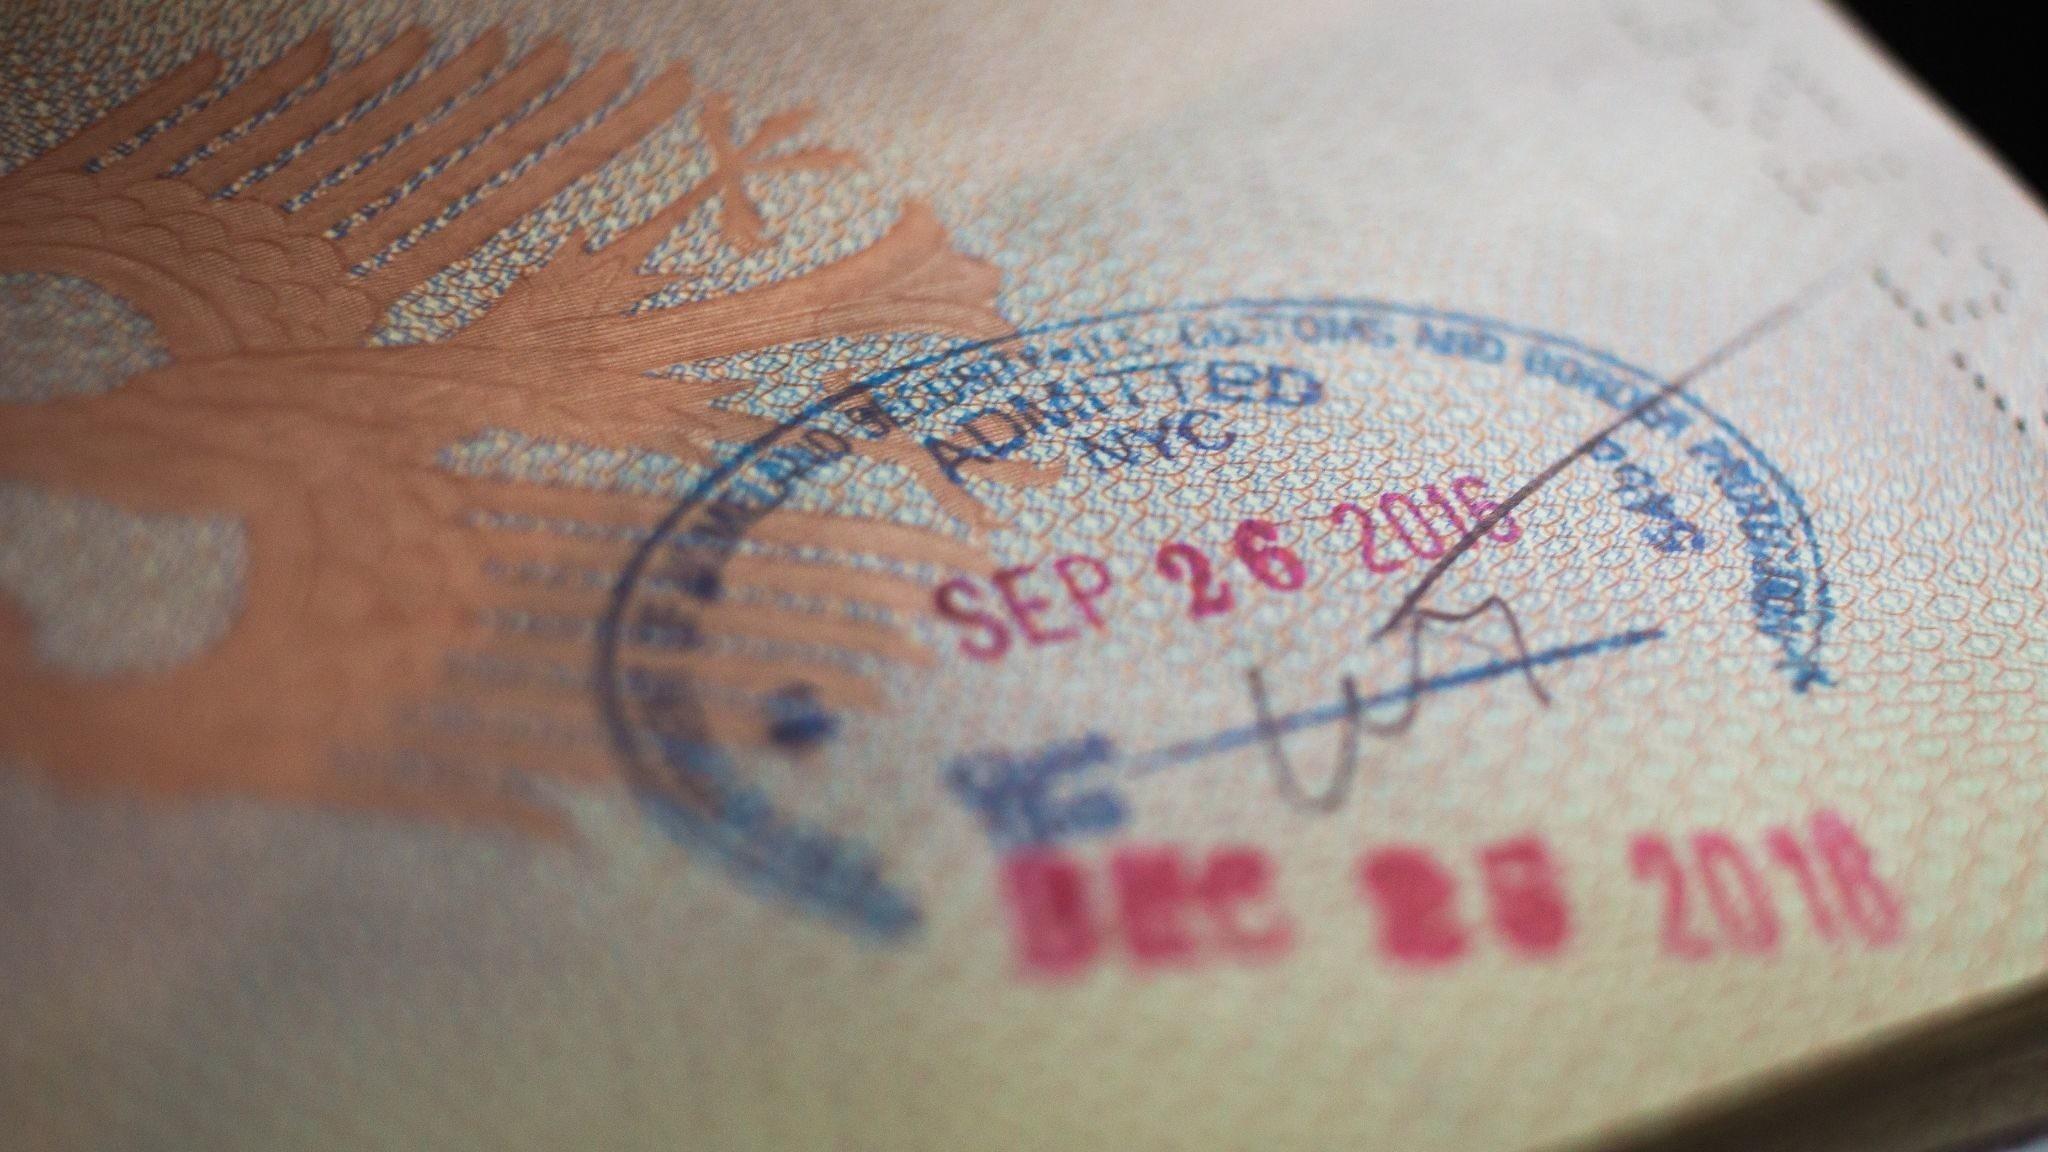 passport-stamp-nyc-jfk